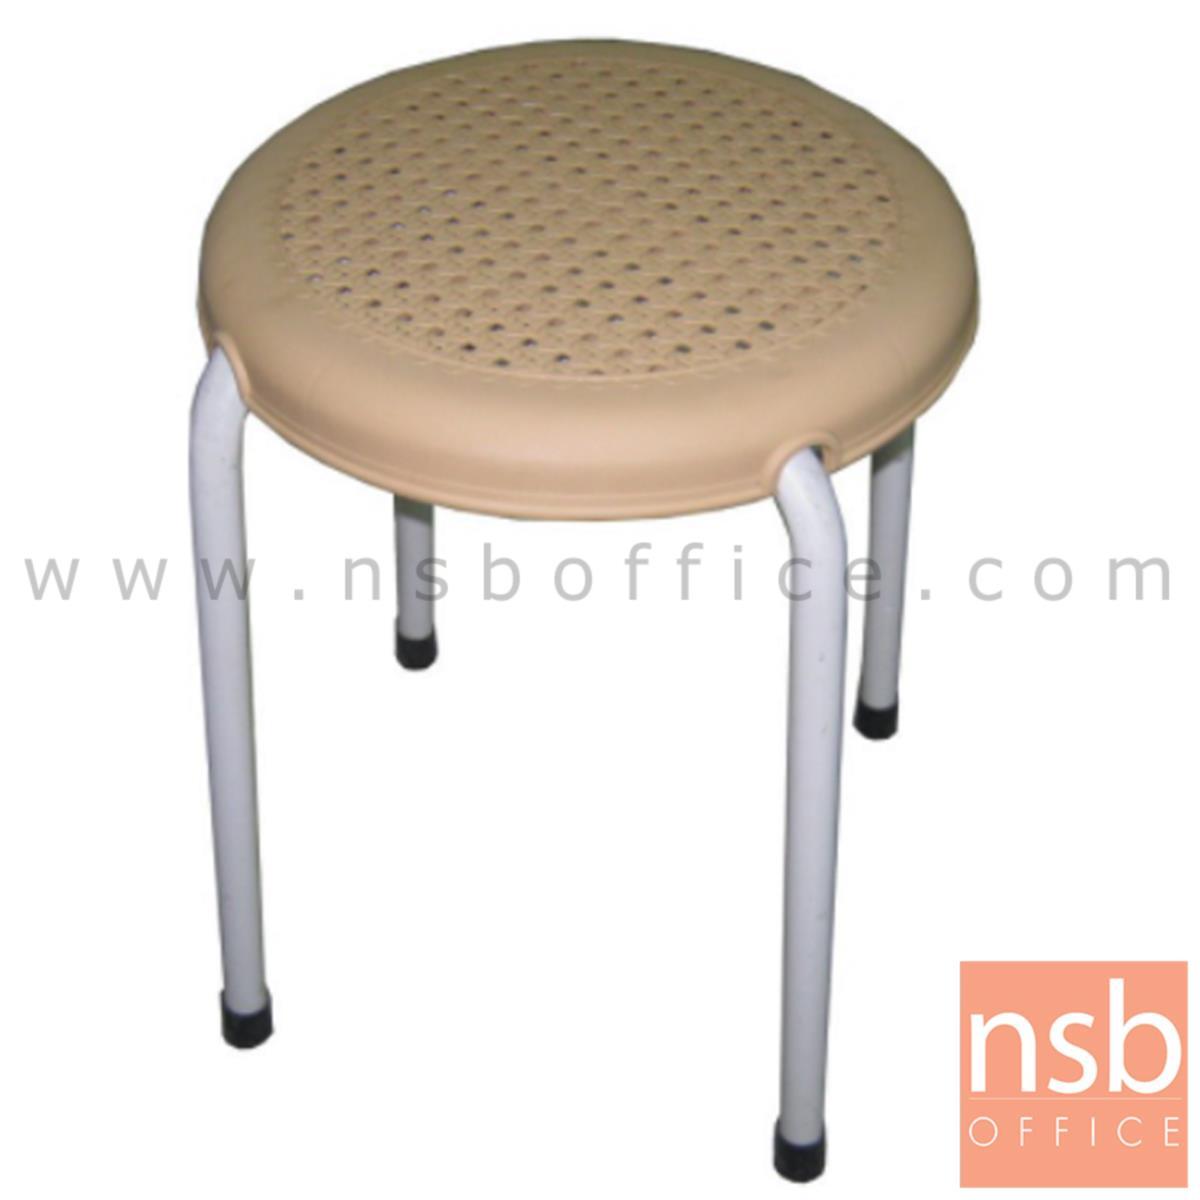 B09A093:เก้าอี้สตูลกลมที่นั่งพลาสติกลายหวาย  31Di*45H cm. ขาเหล็กกลมพ่นเทา